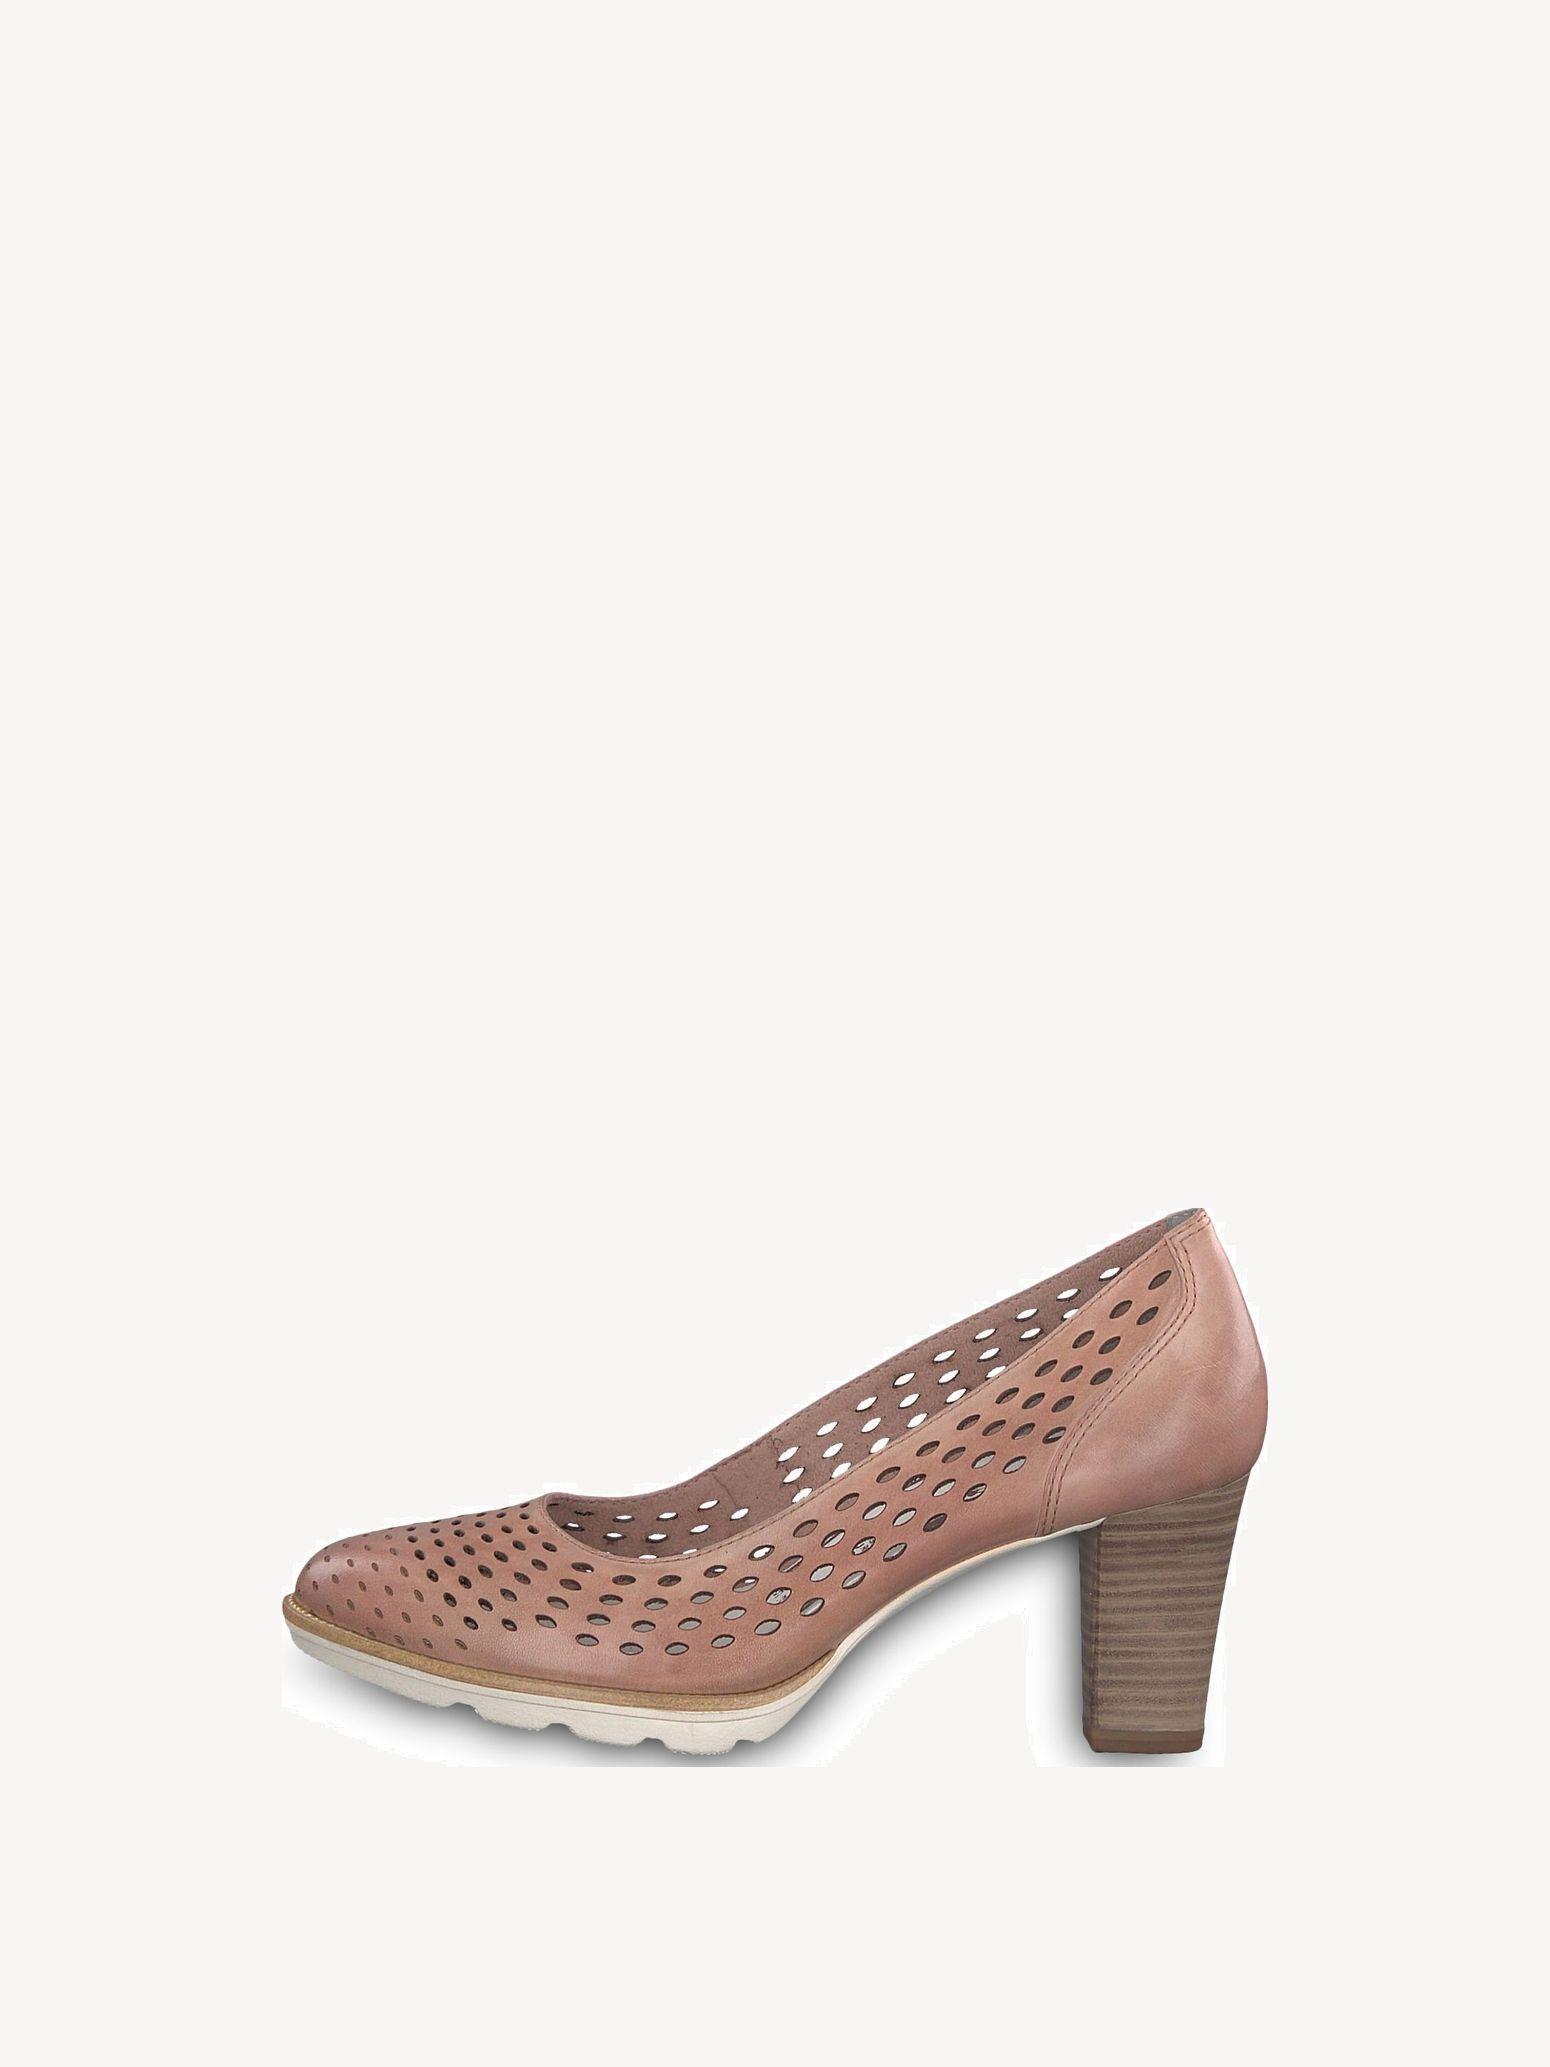 Femmes Tamaris Femmes Tamaris Femmes Chaussures Tamaris Escarpins Chaussures Escarpins Chaussures Escarpins wqF0vTO